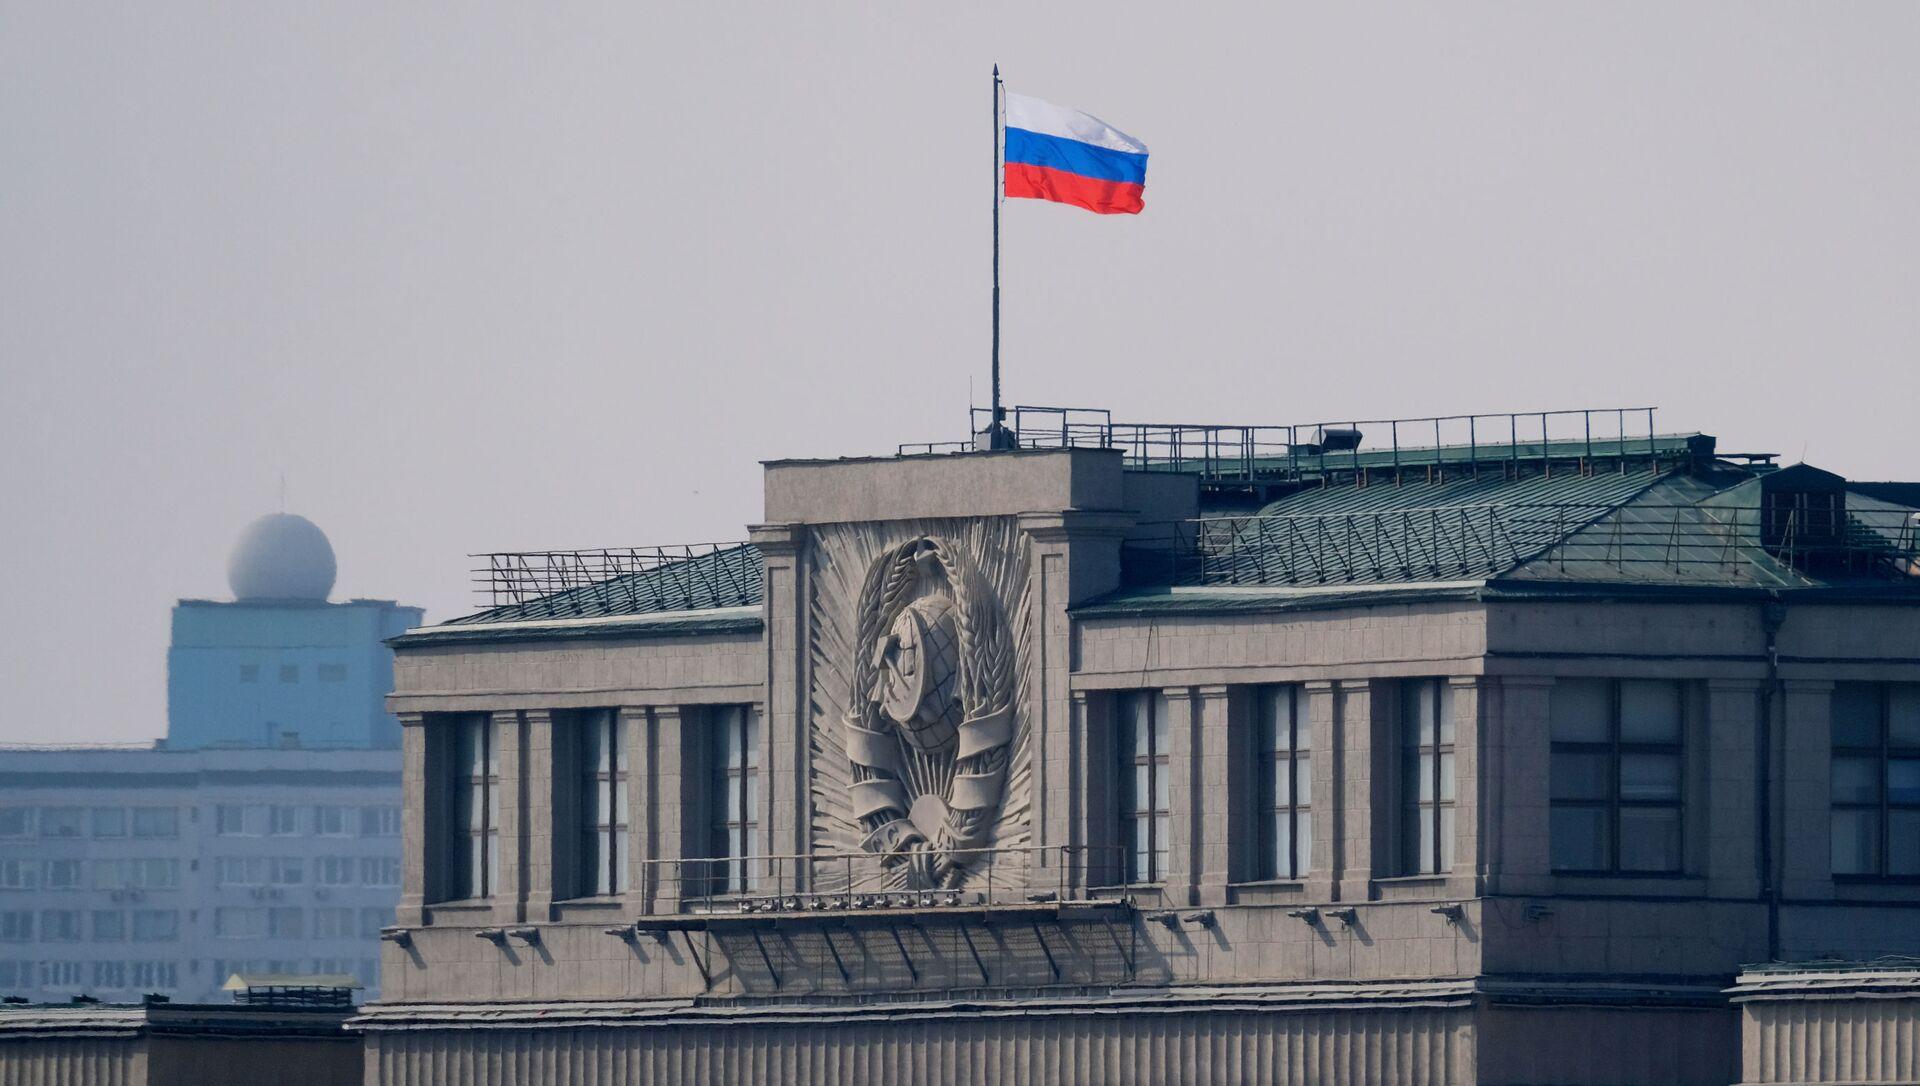 Siedziba Dumy Państwowej Rosji w Moskwie - Sputnik Polska, 1920, 16.05.2021